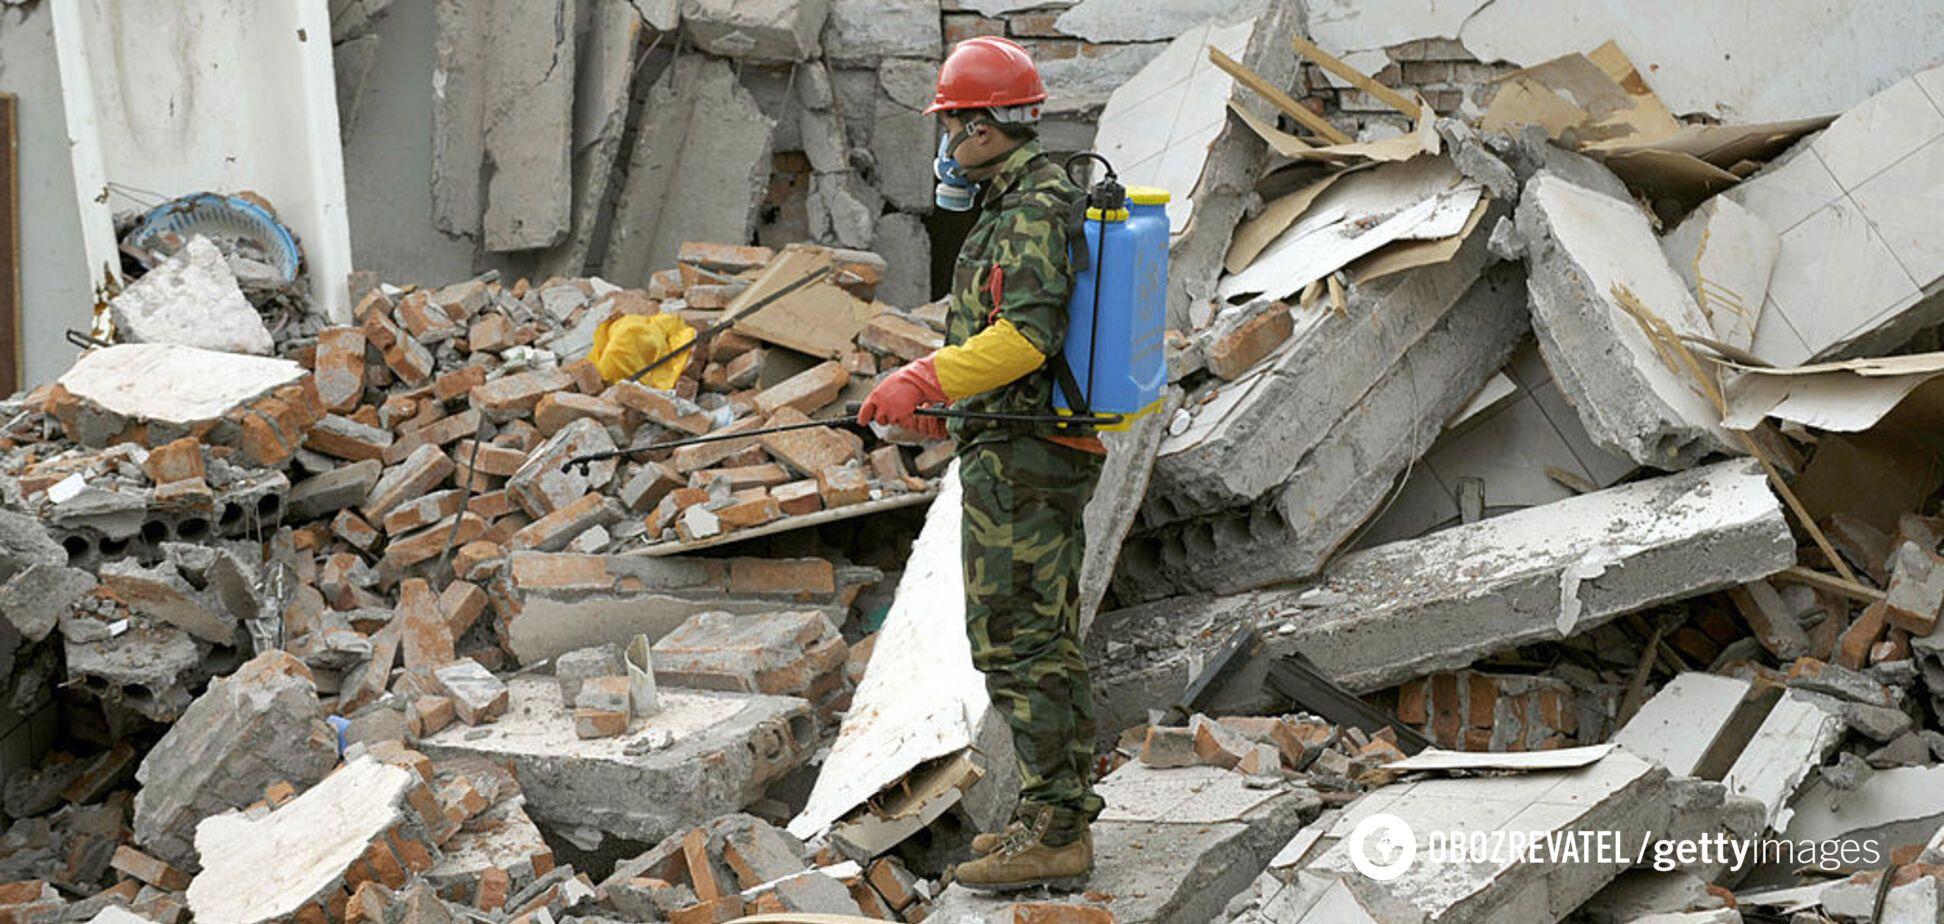 В Китае произошло мощное землетрясение, есть погибшие. Фото и видео